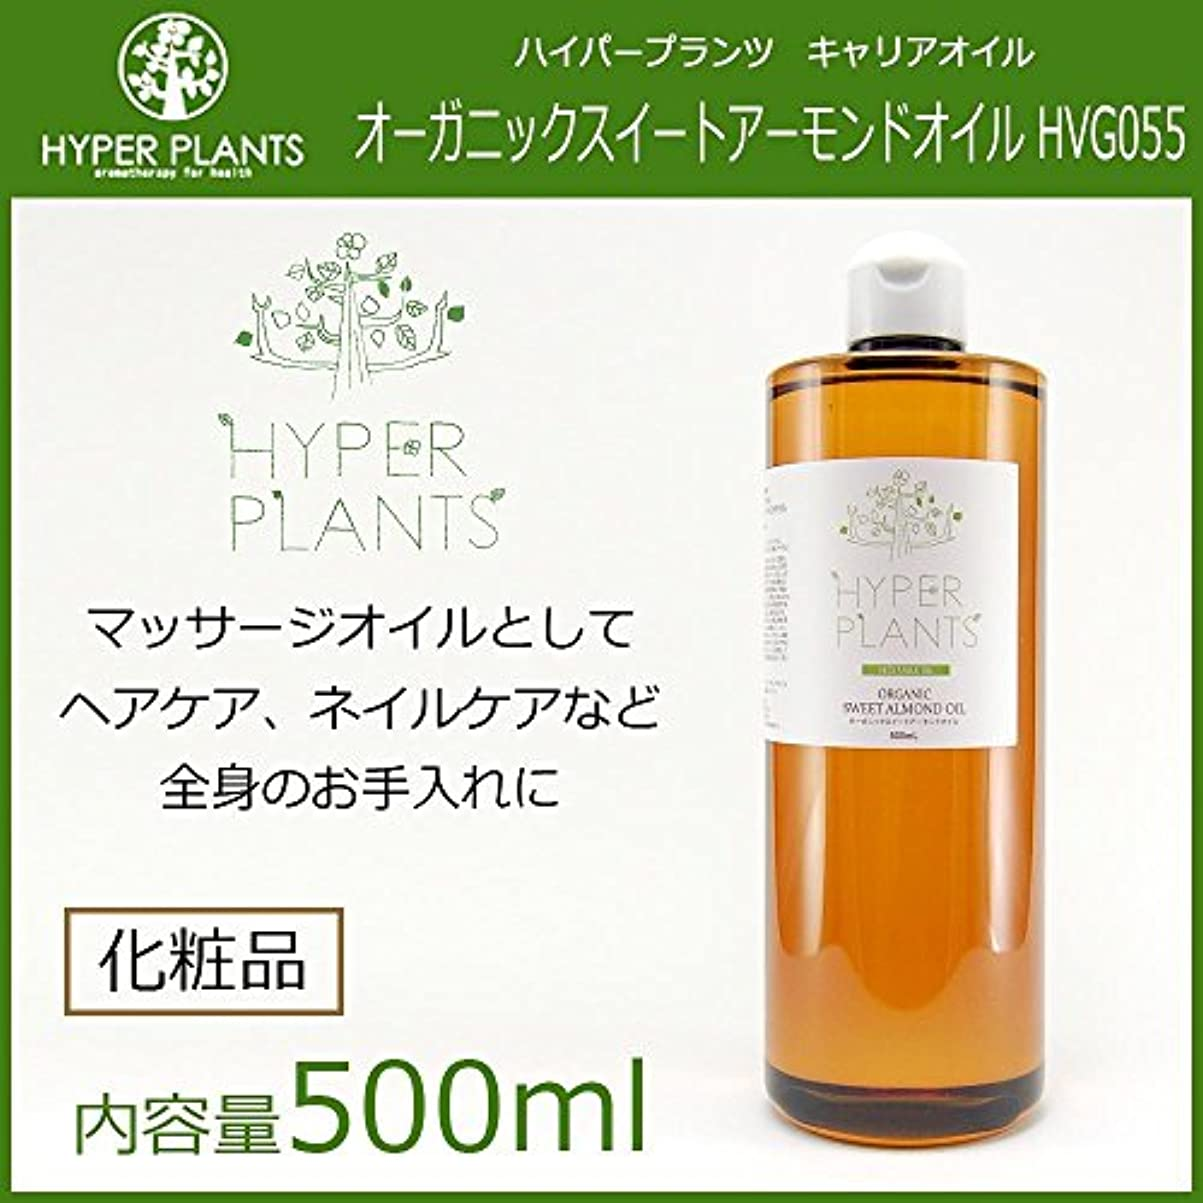 一定マトロン技術HYPER PLANTS ハイパープランツ キャリアオイル オーガニックスイートアーモンドオイル 500ml HVG055